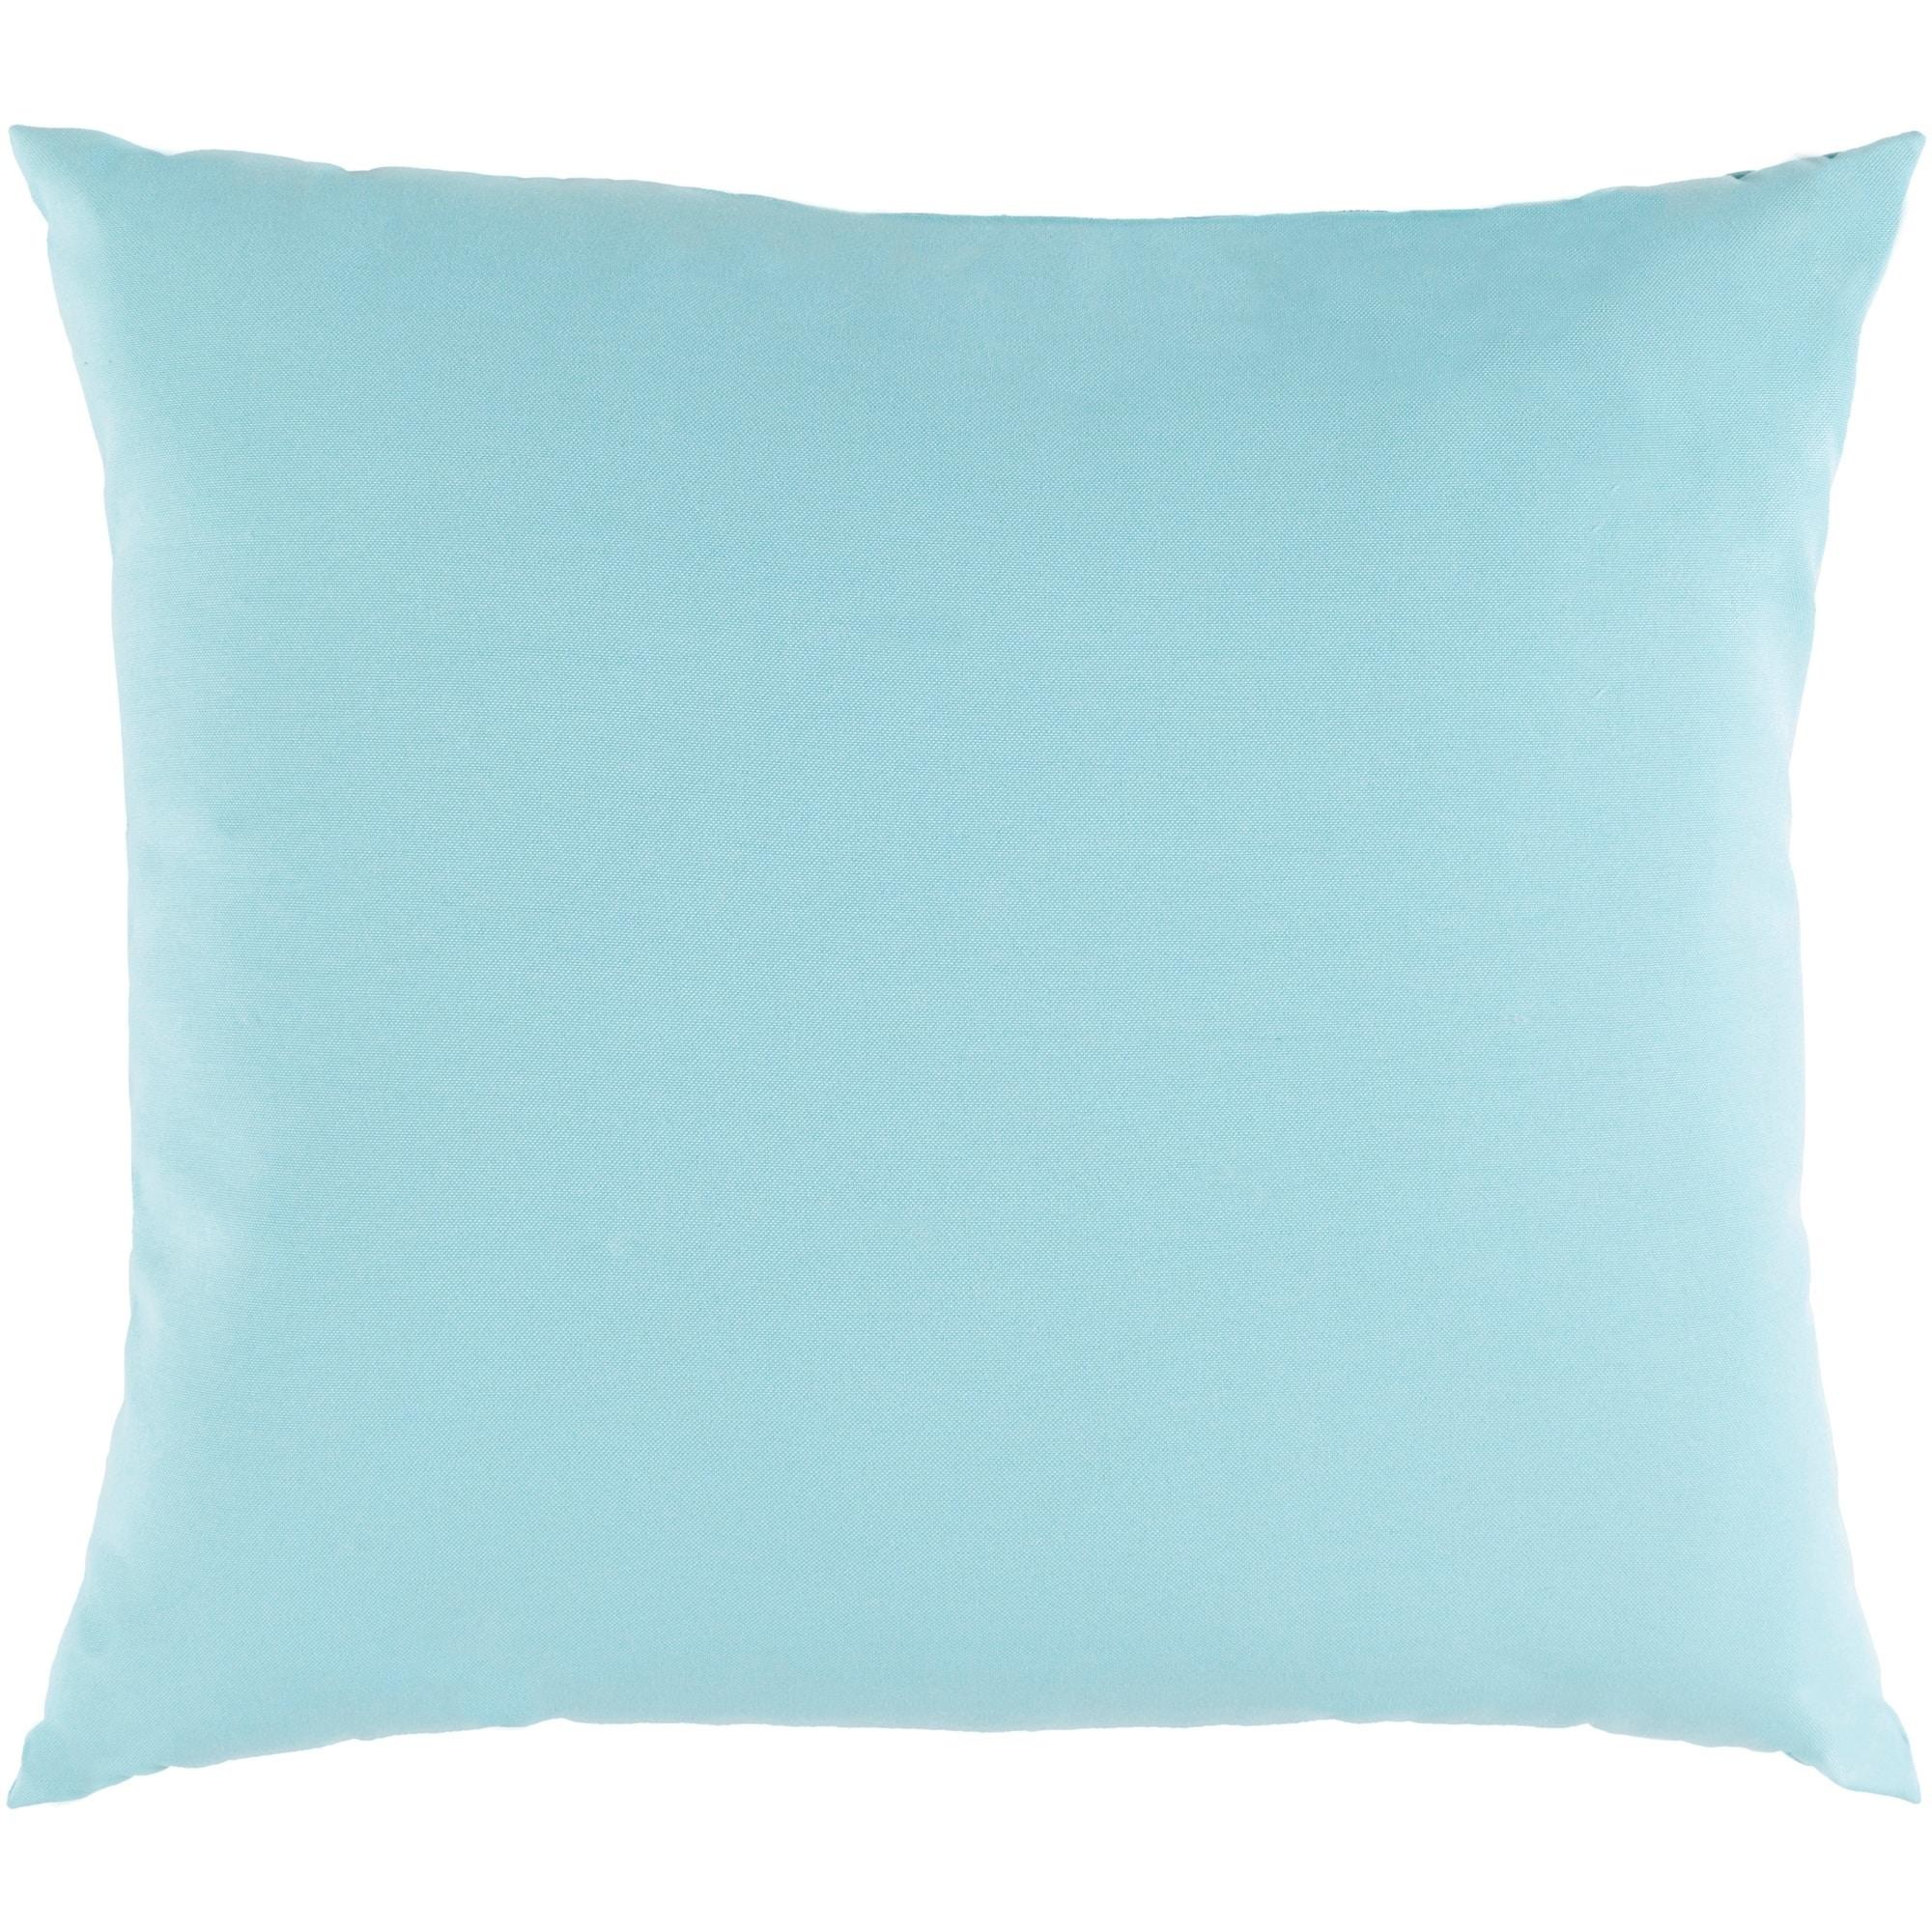 Shop Miguel Light Blue Solid Indoor Outdoor Throw Pillow 16 X 16